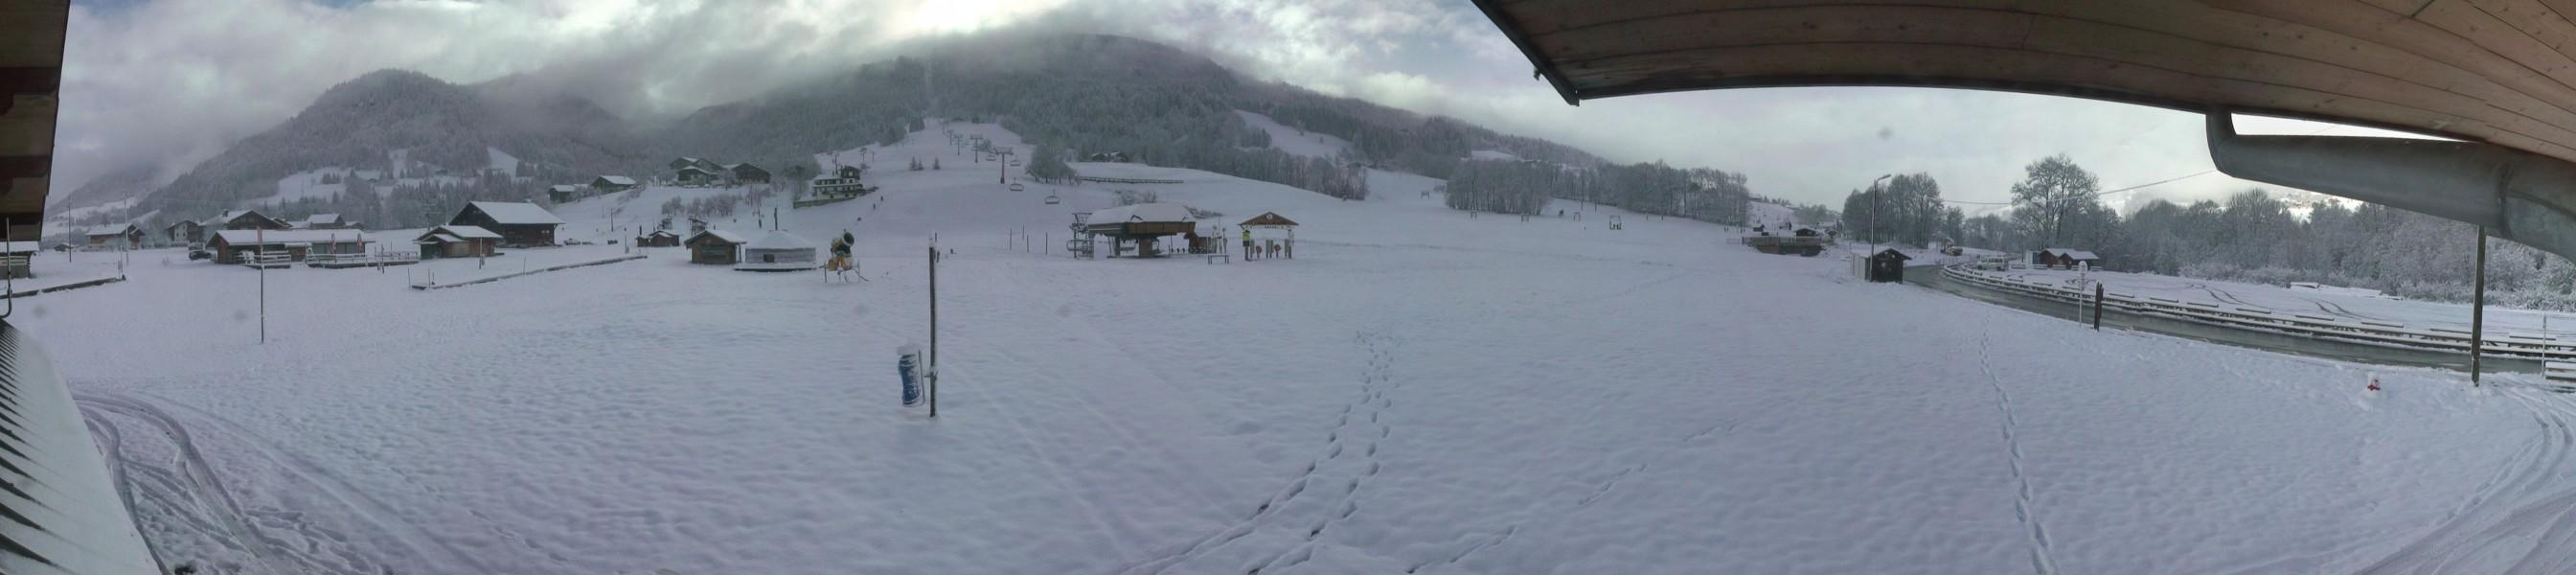 La neige est descendue jusqu'au front de neige des Varins à Praz sur Arly, à 1000 mètres